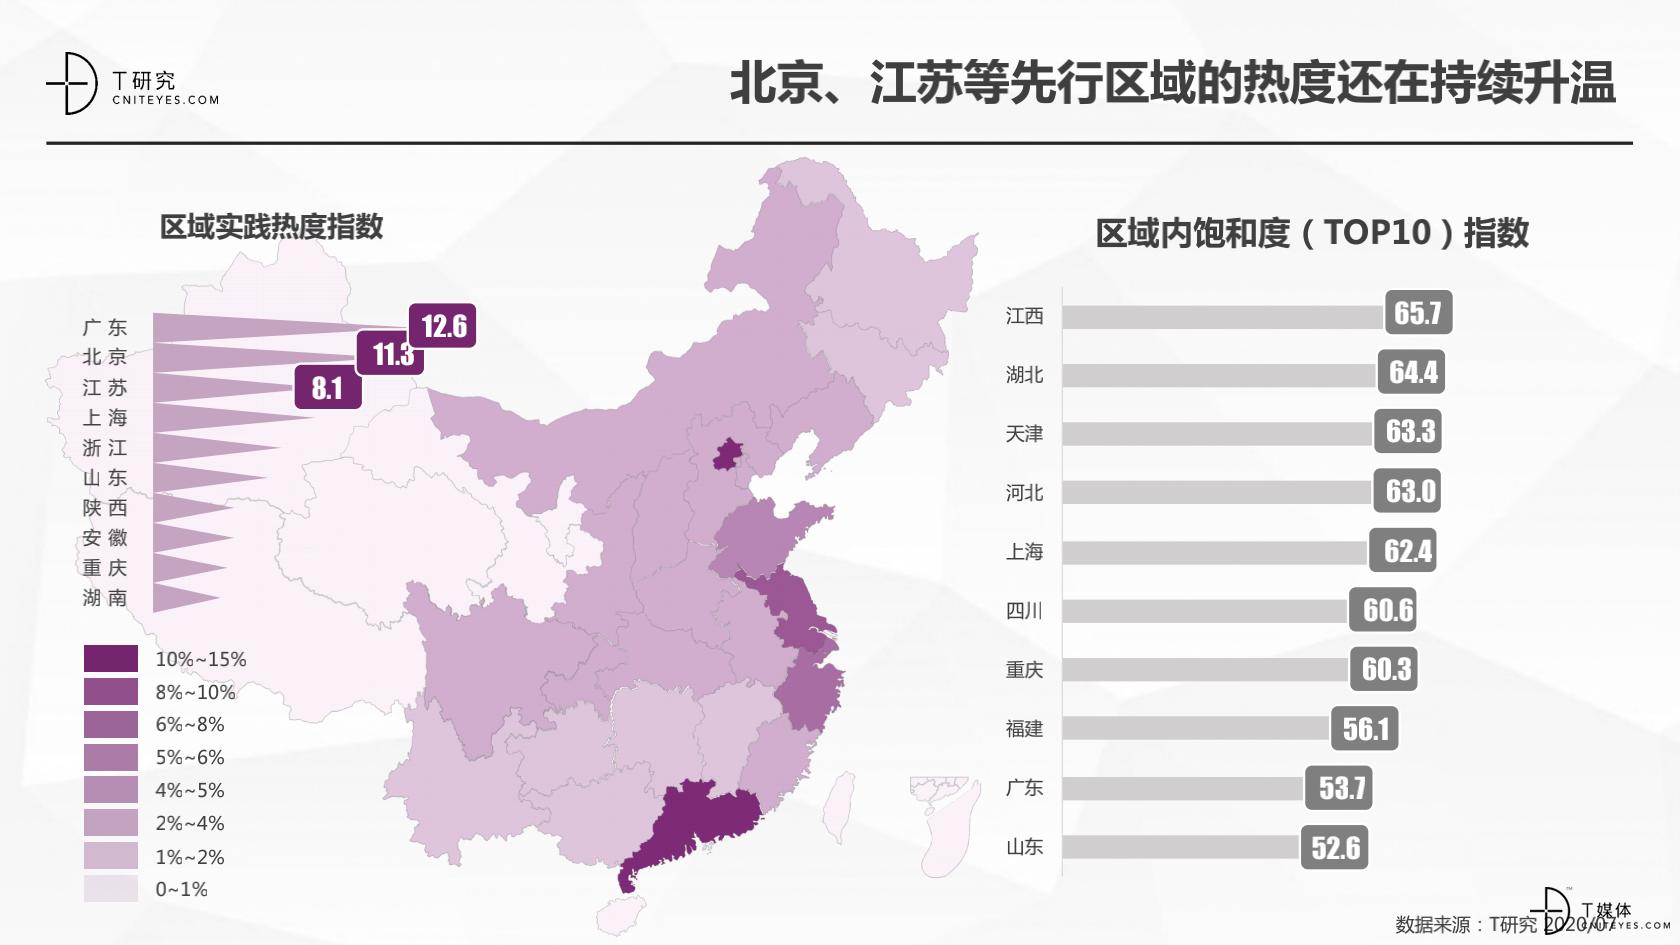 2_2020中国CRM指数测评报告v1.5_13.png